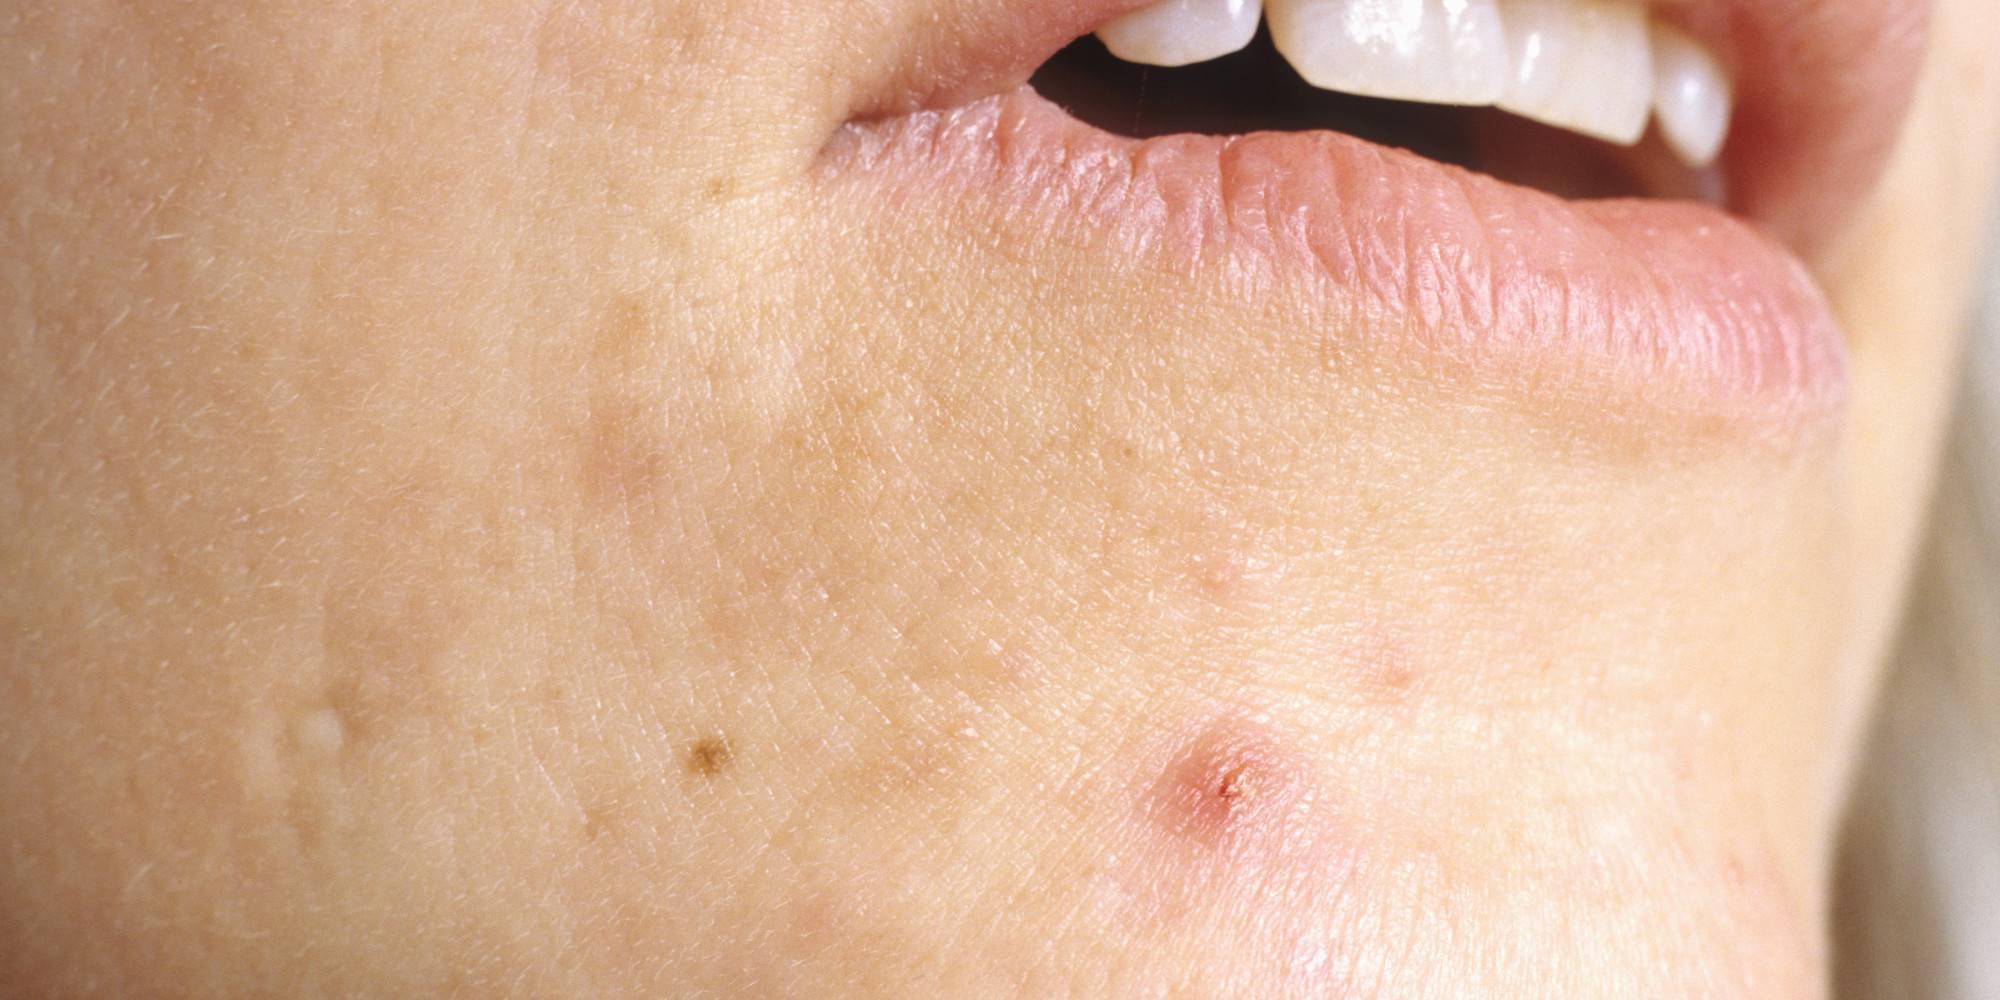 Герпес на лице: симптомы, причины, лечение (медикаментами, народными средствами), особенности при беременности, осложнения и последствия (фото, видео)